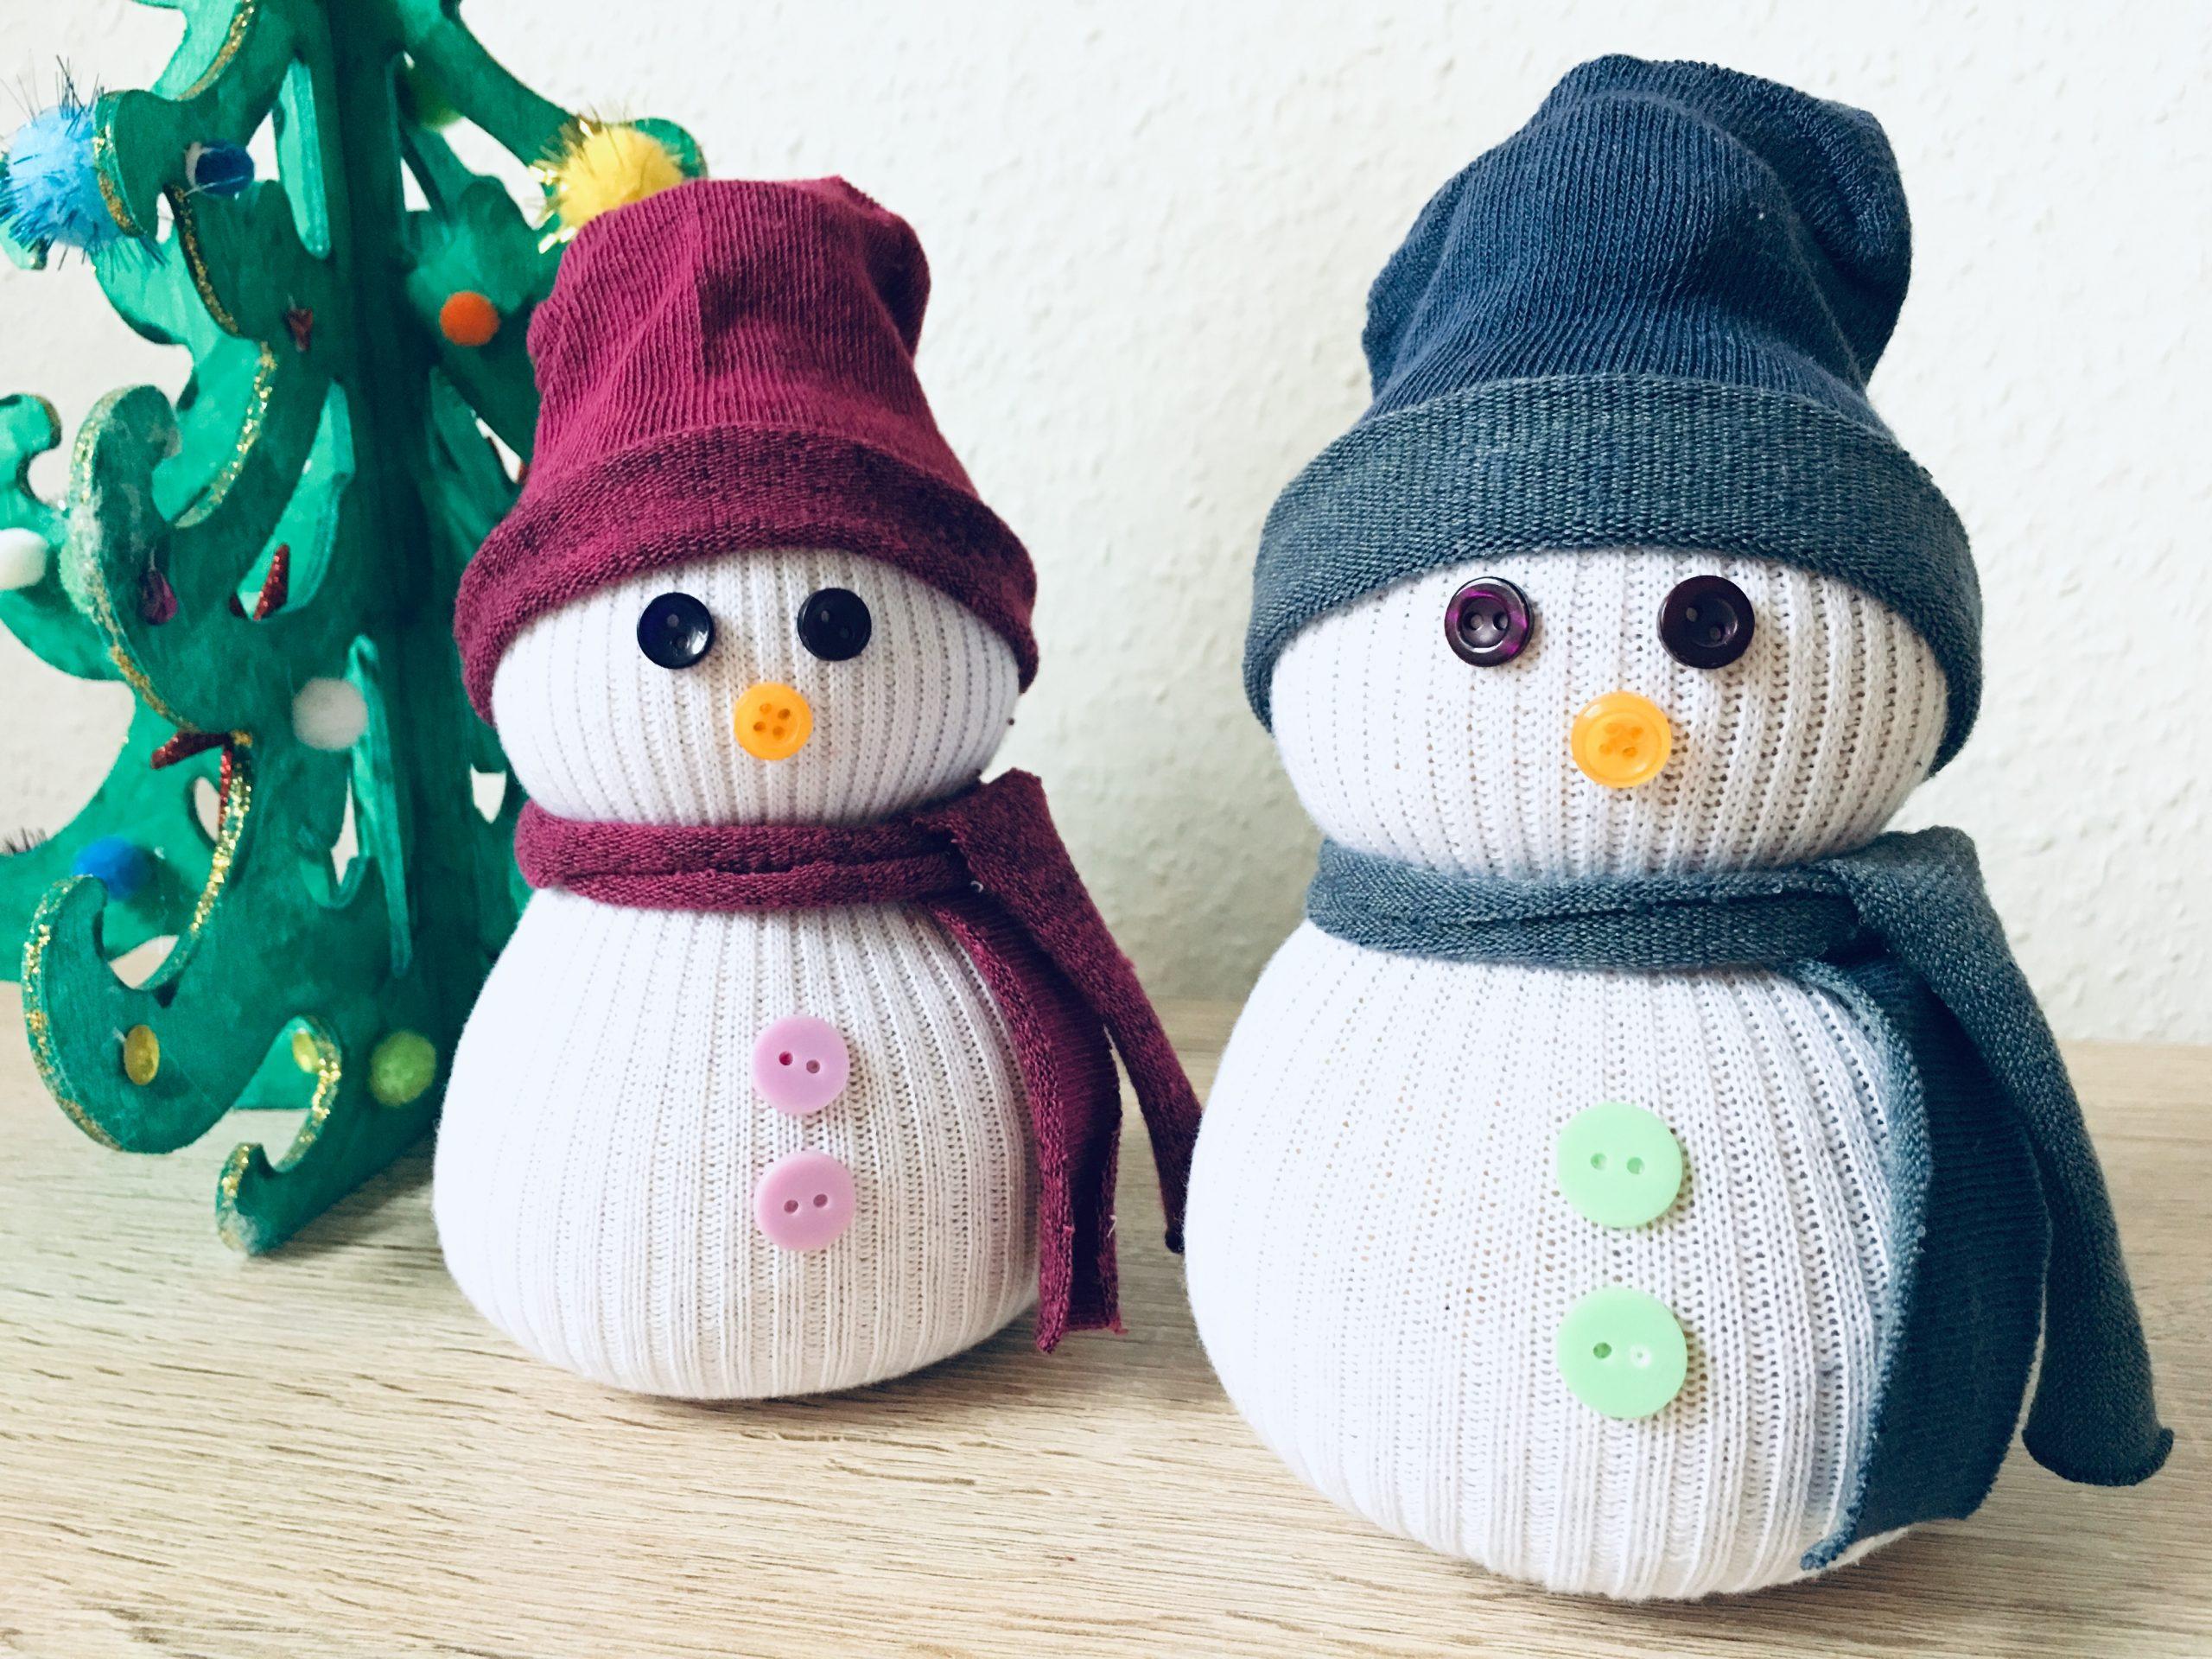 Sockenschneemann Mit Kindern Basteln - Weihnachtsdeko Selber über Weihnachtsdeko Basteln Kinder